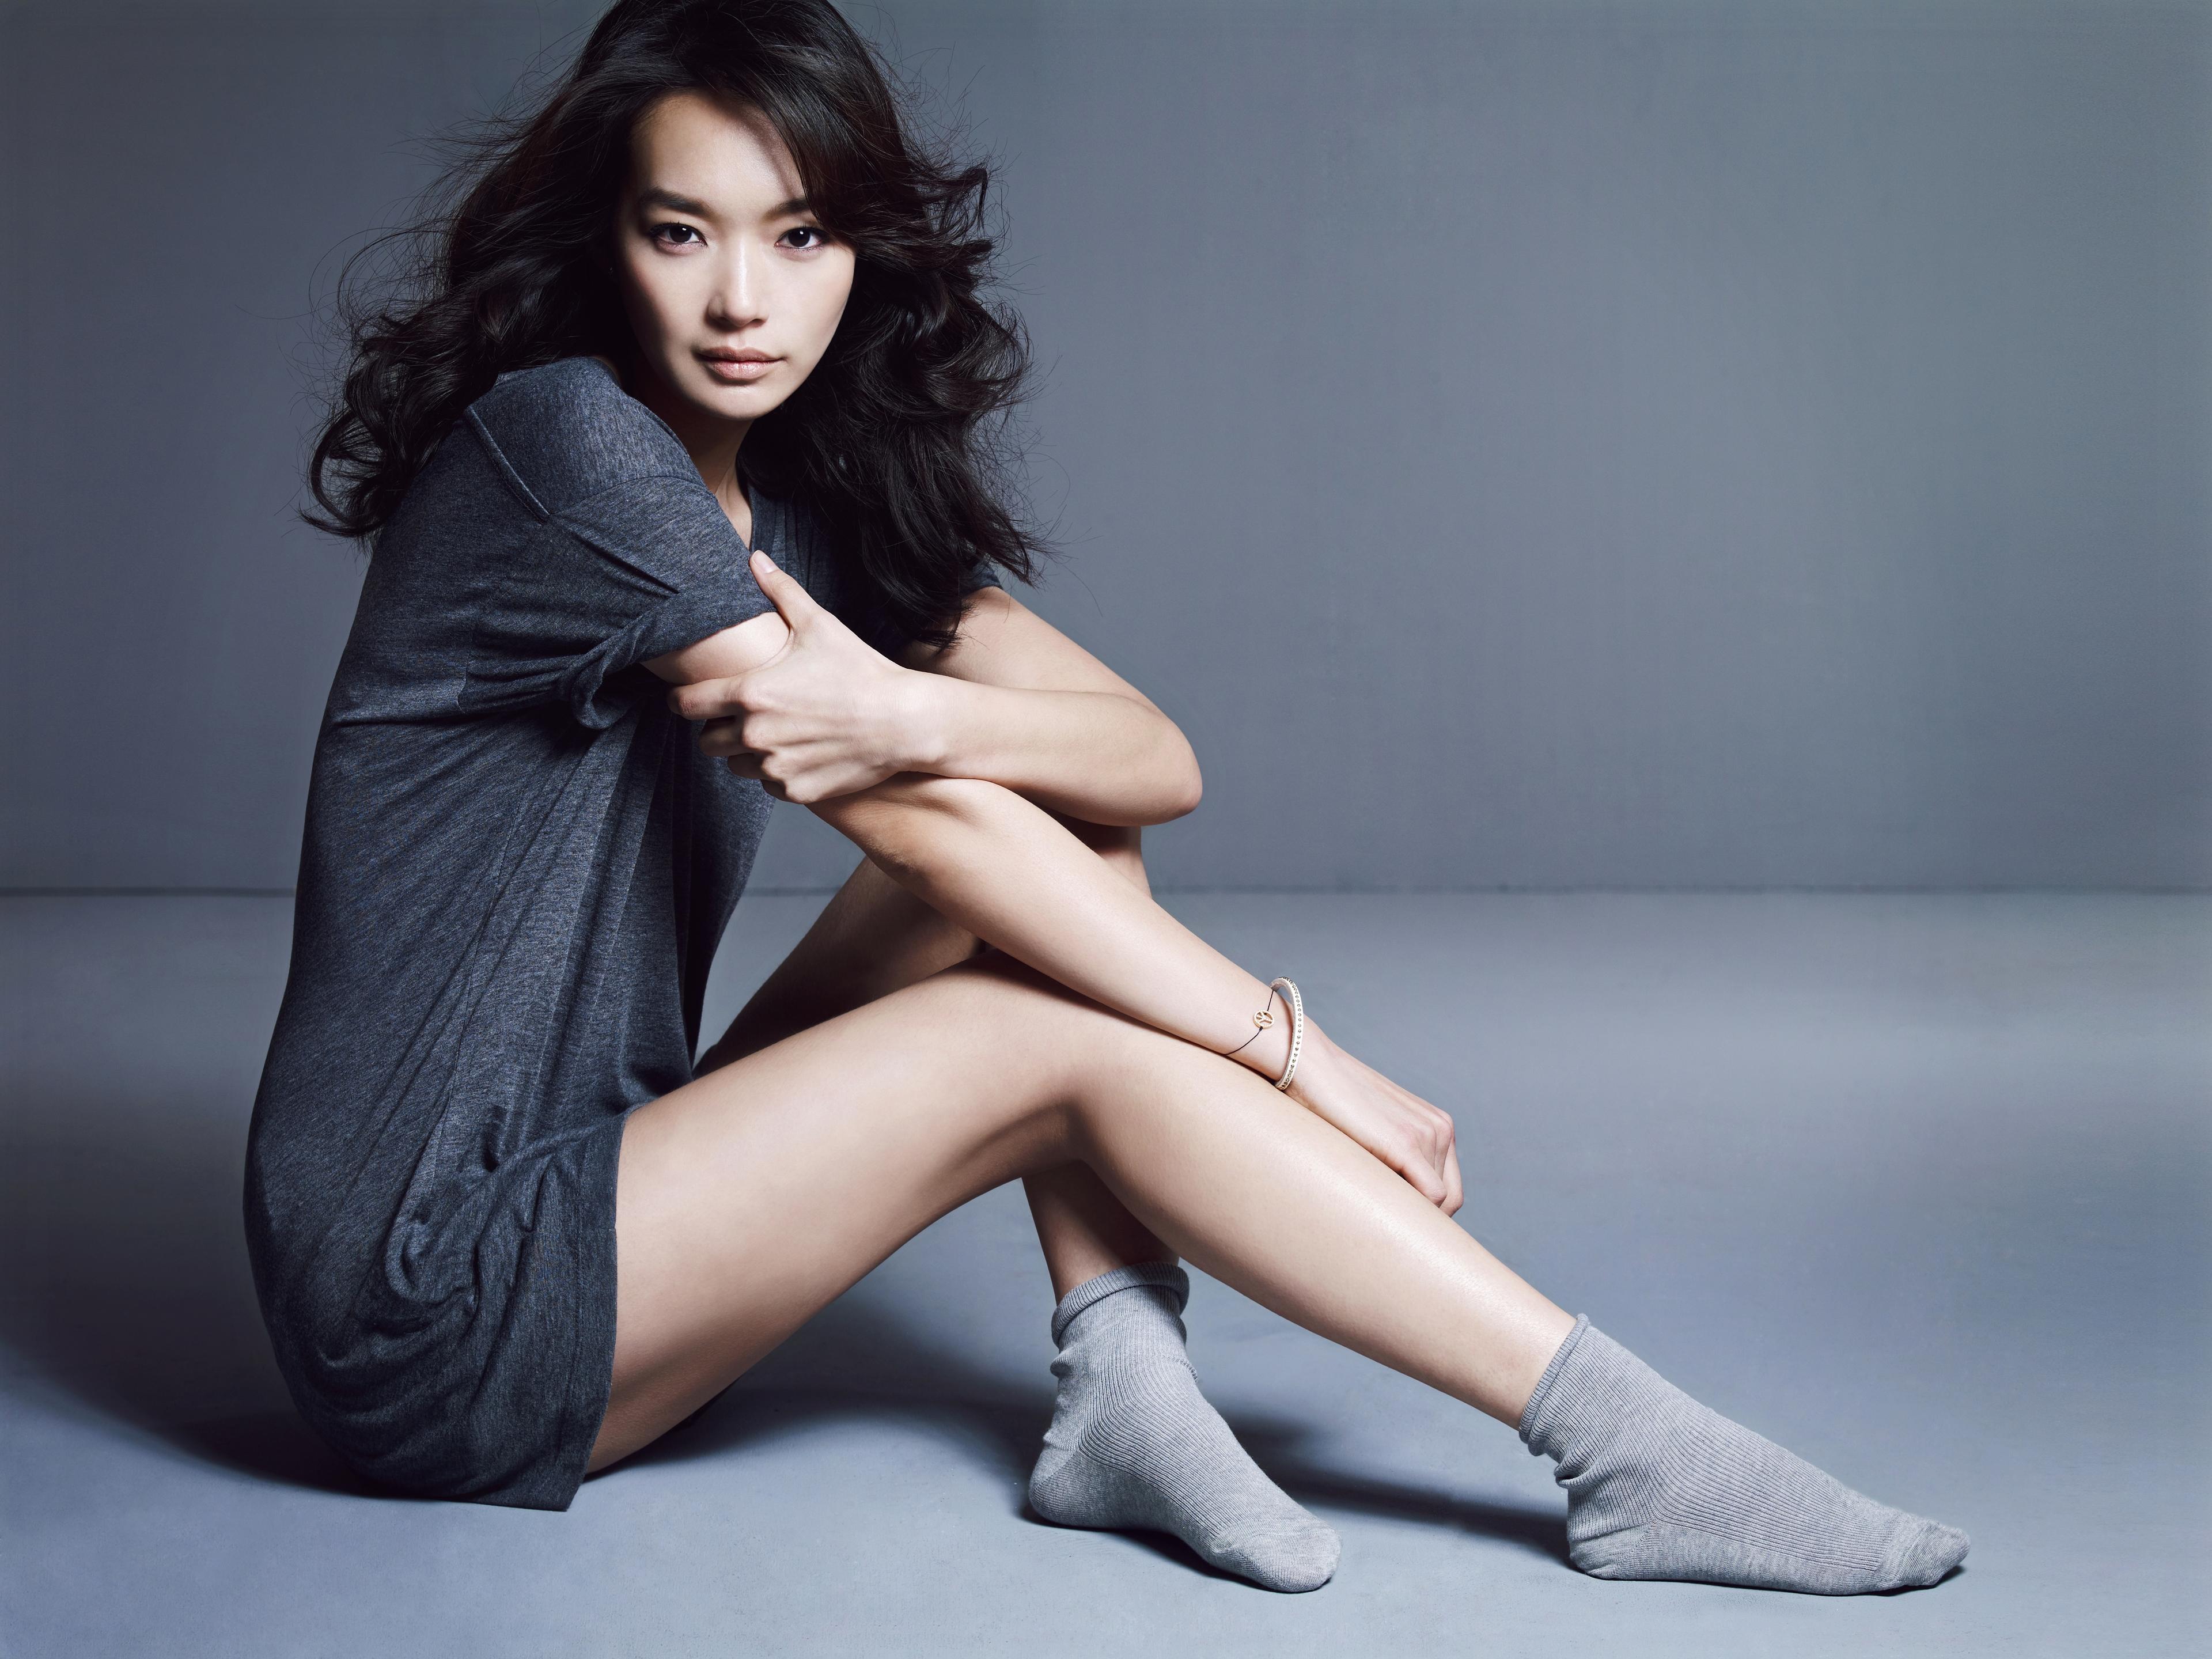 Mina kr sexy korean cam girl 8